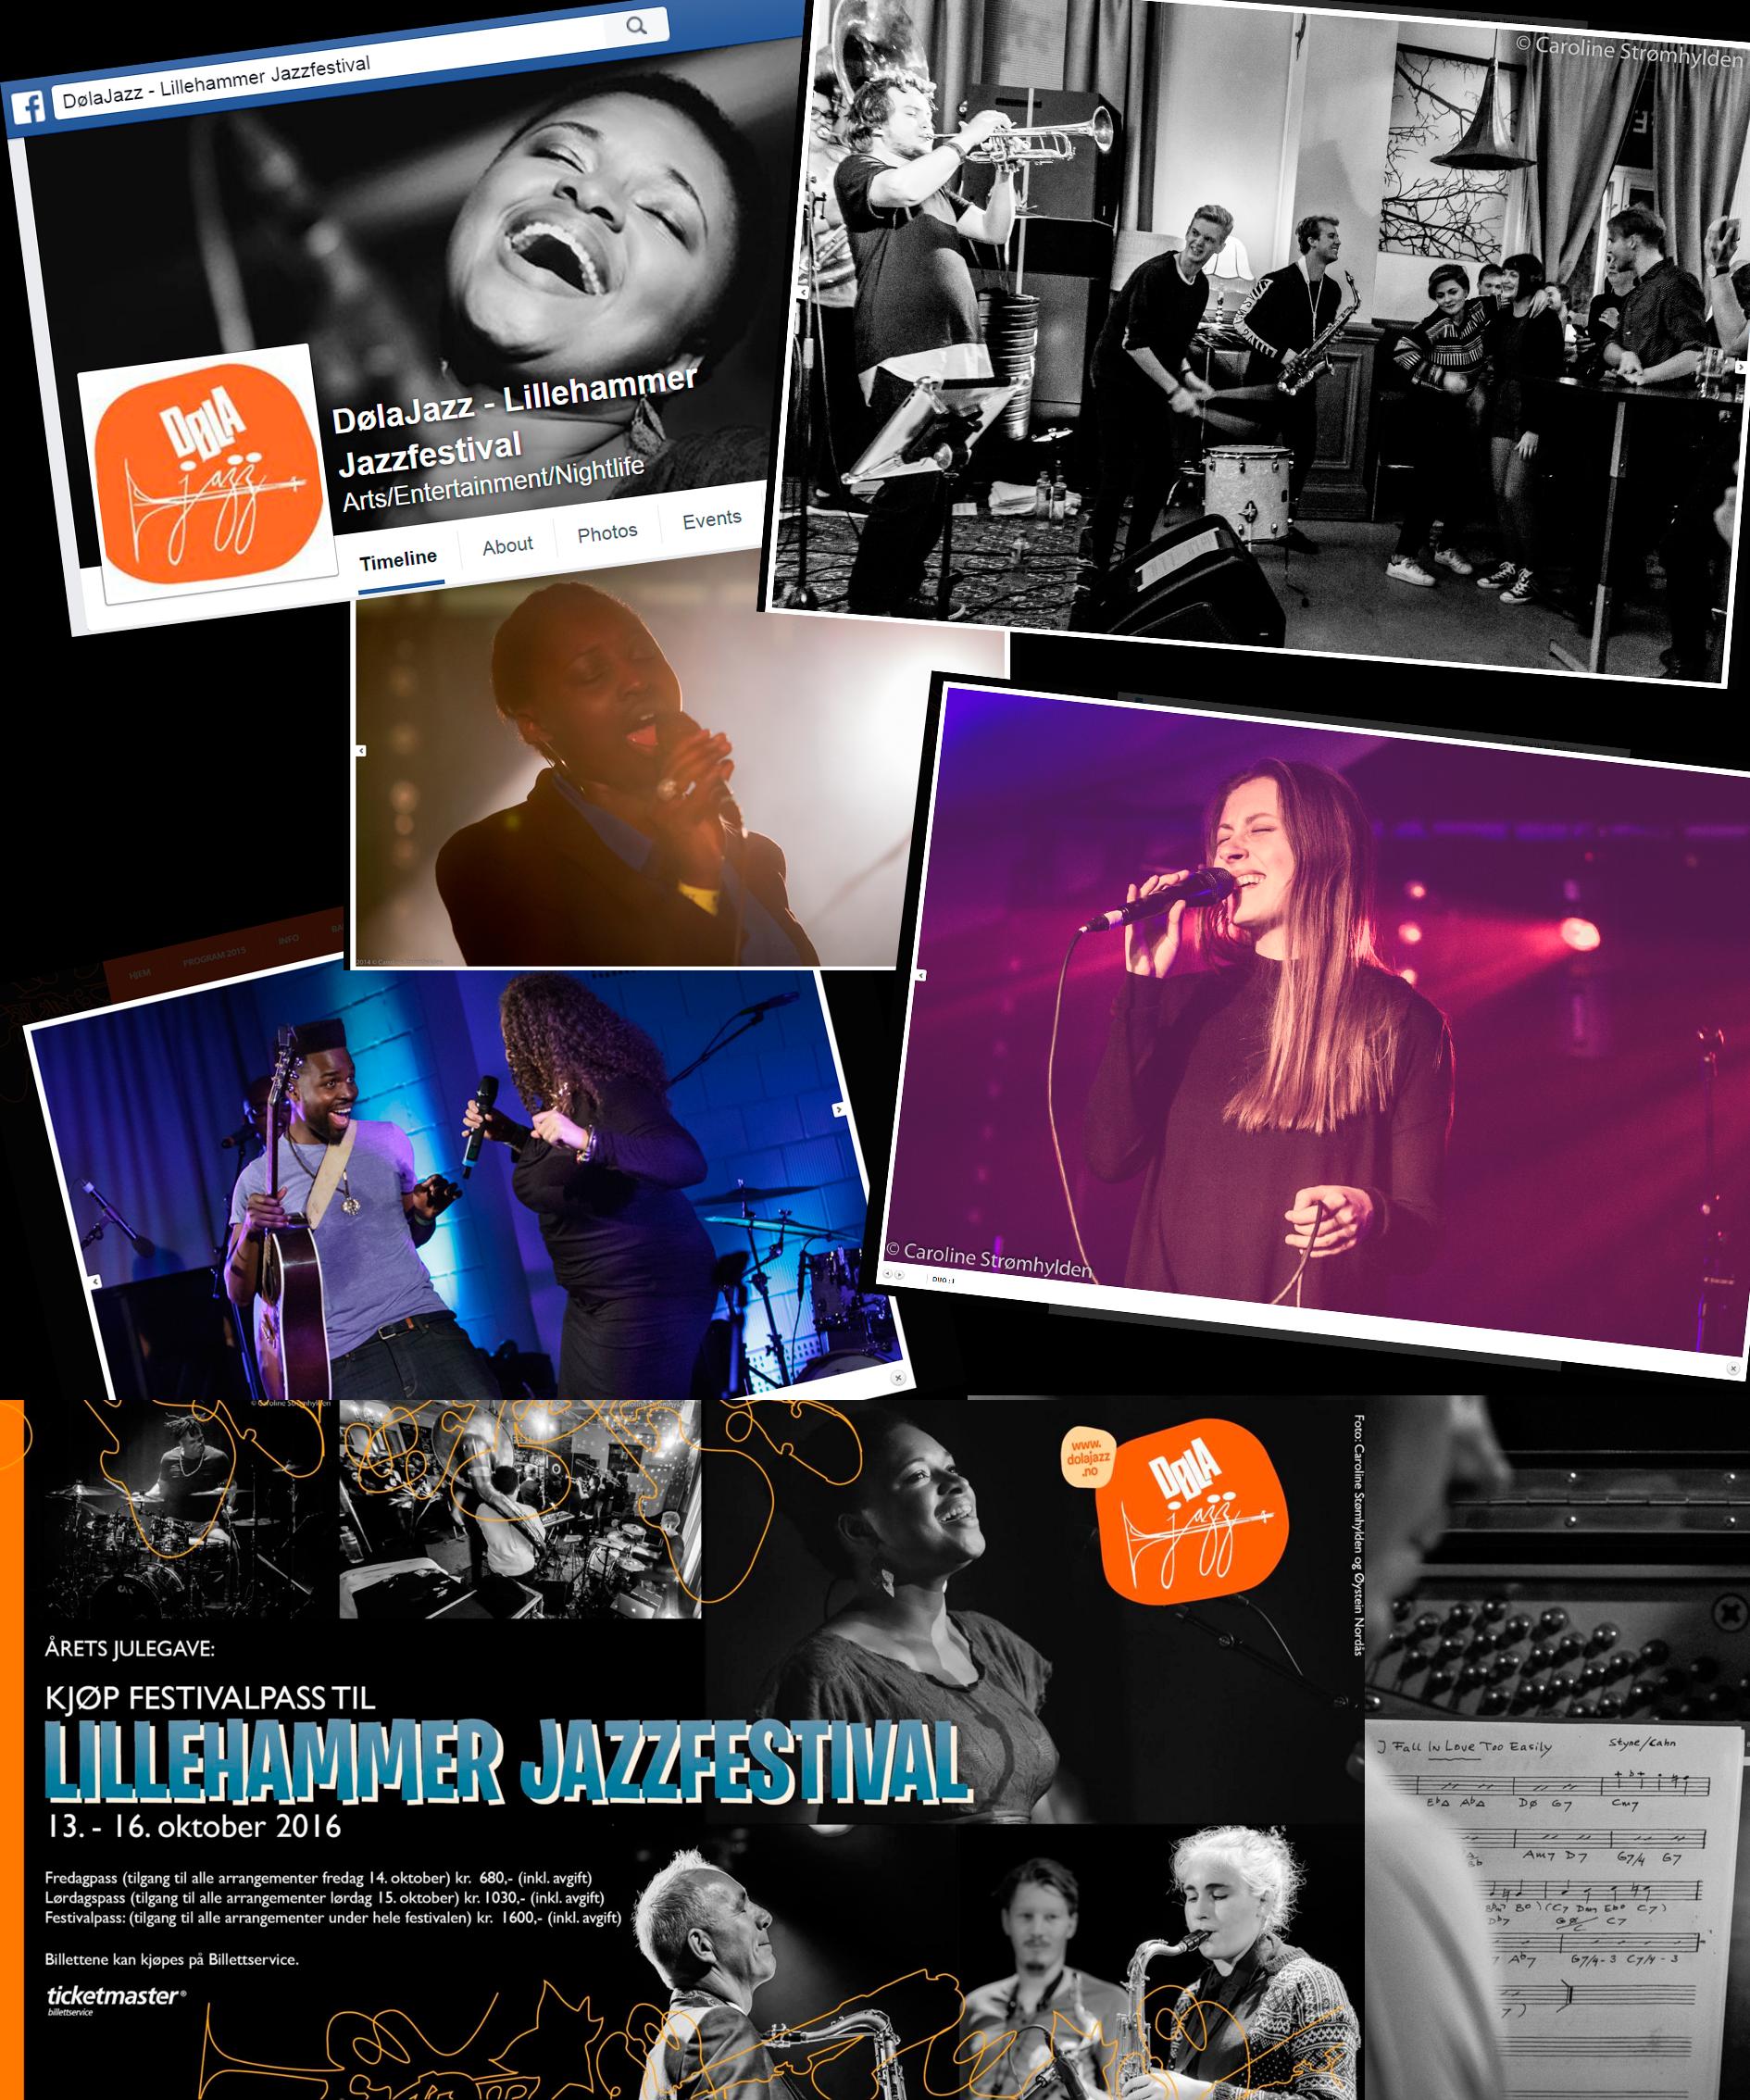 Noen bilder postet av Dølajazz - Lillehammer Jazzfestival